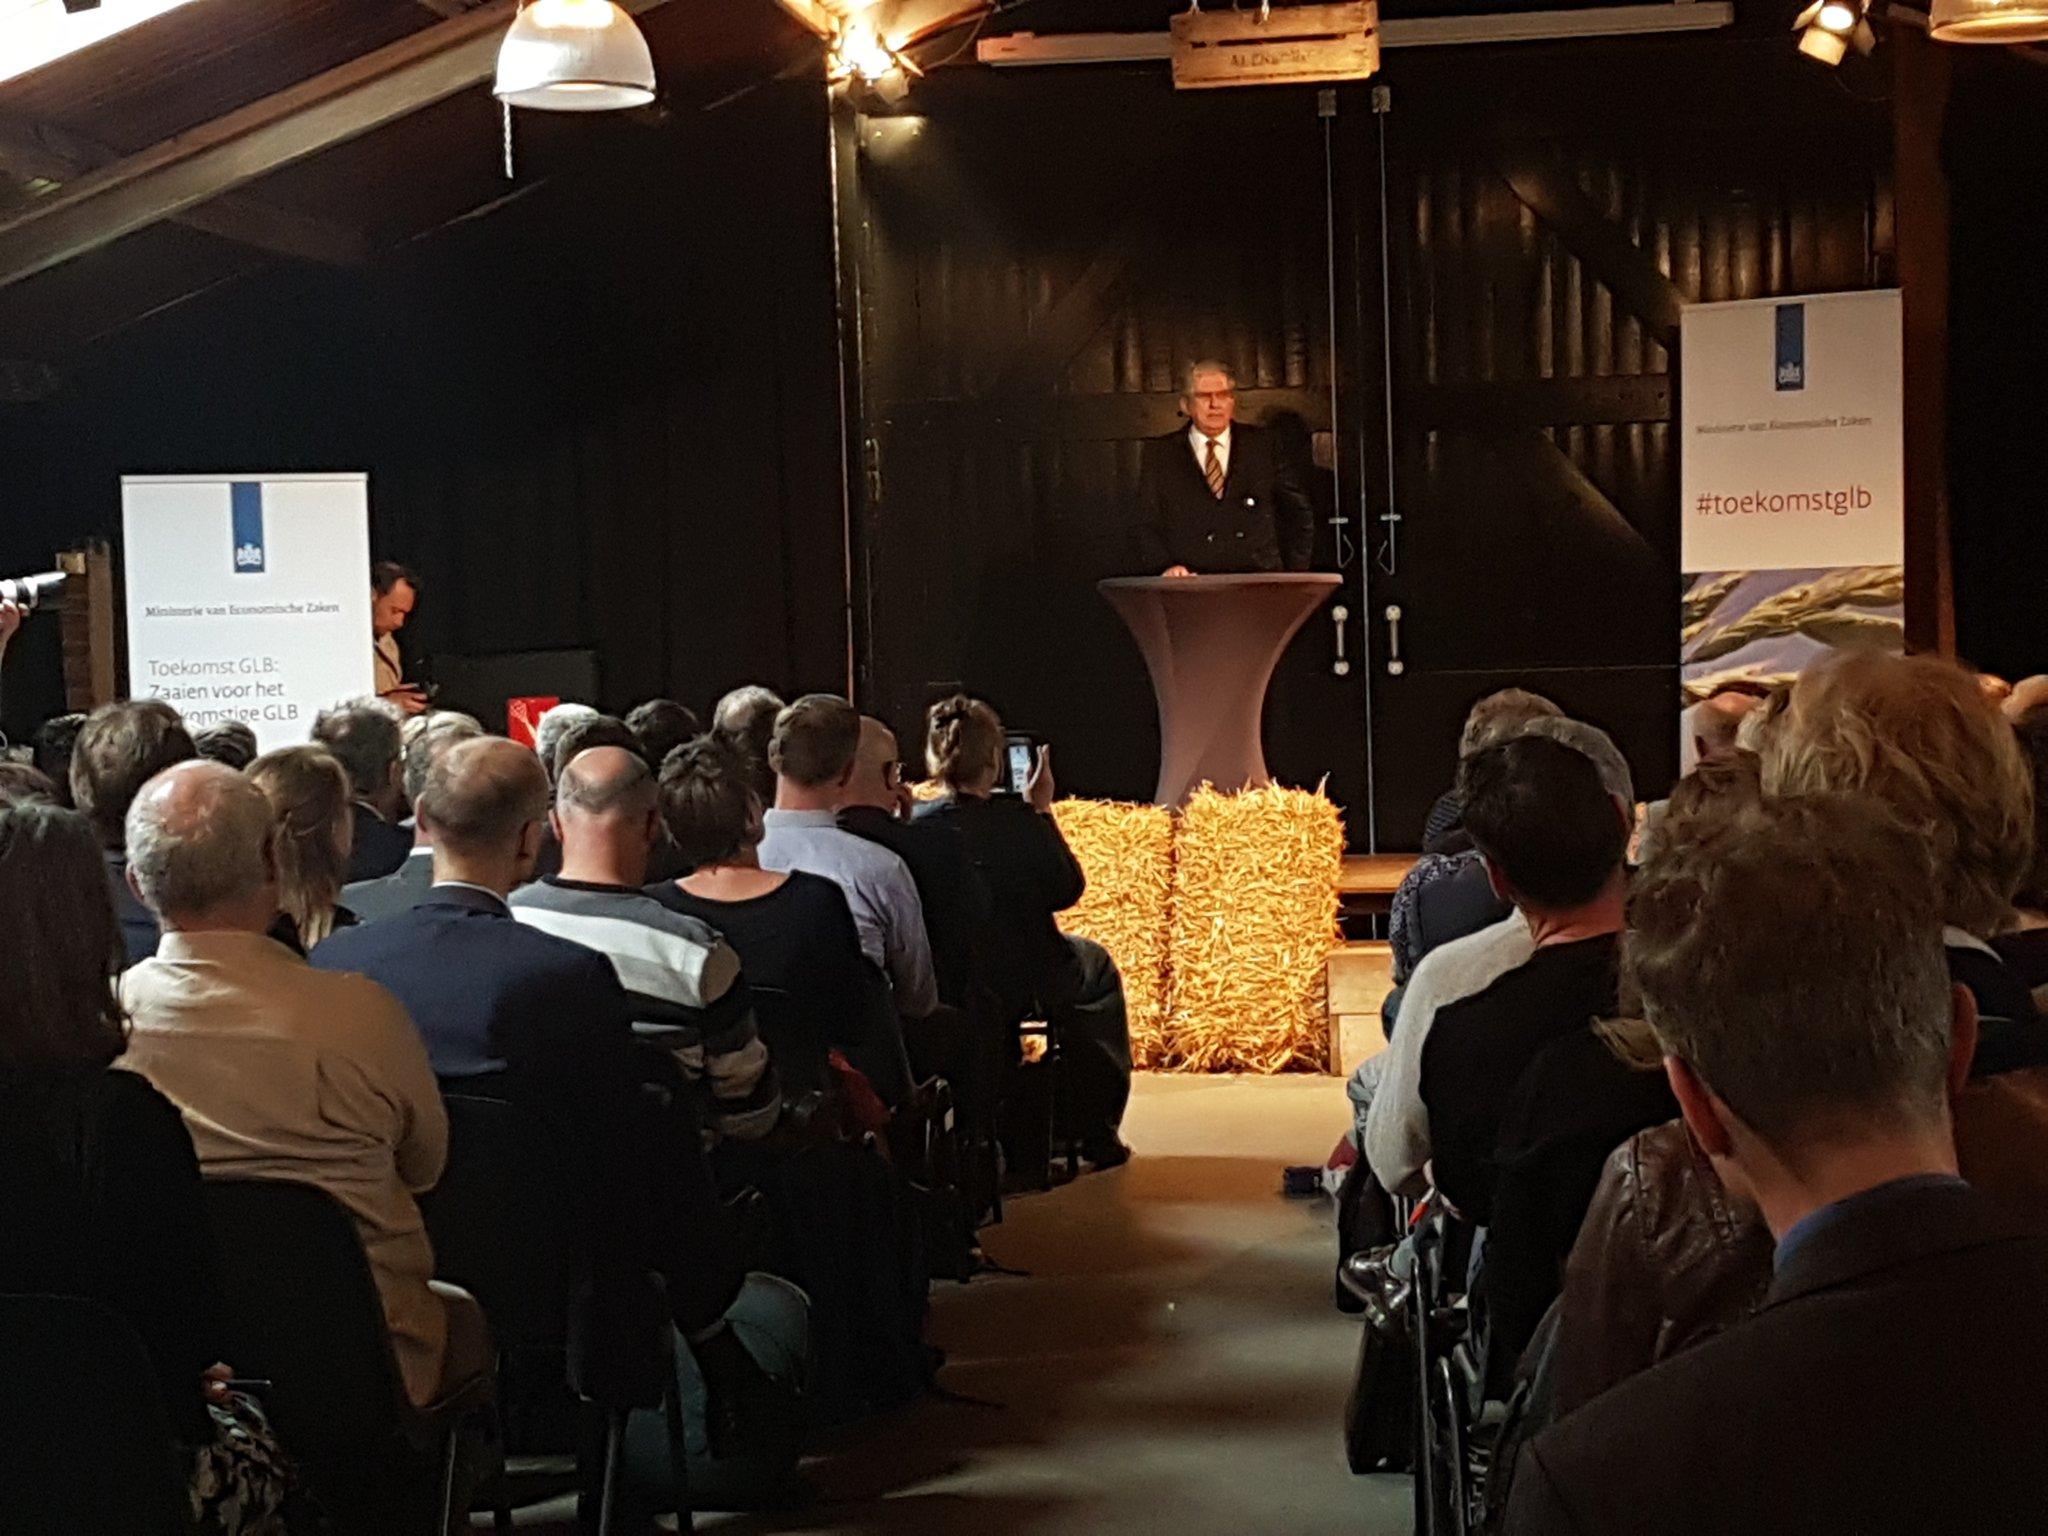 Cees Veerman zelf aan het woord. Over zijn visie op het GLB en de positie van boeren.  #ToekomstGlb #YFMA https://t.co/rpGaMzmVun